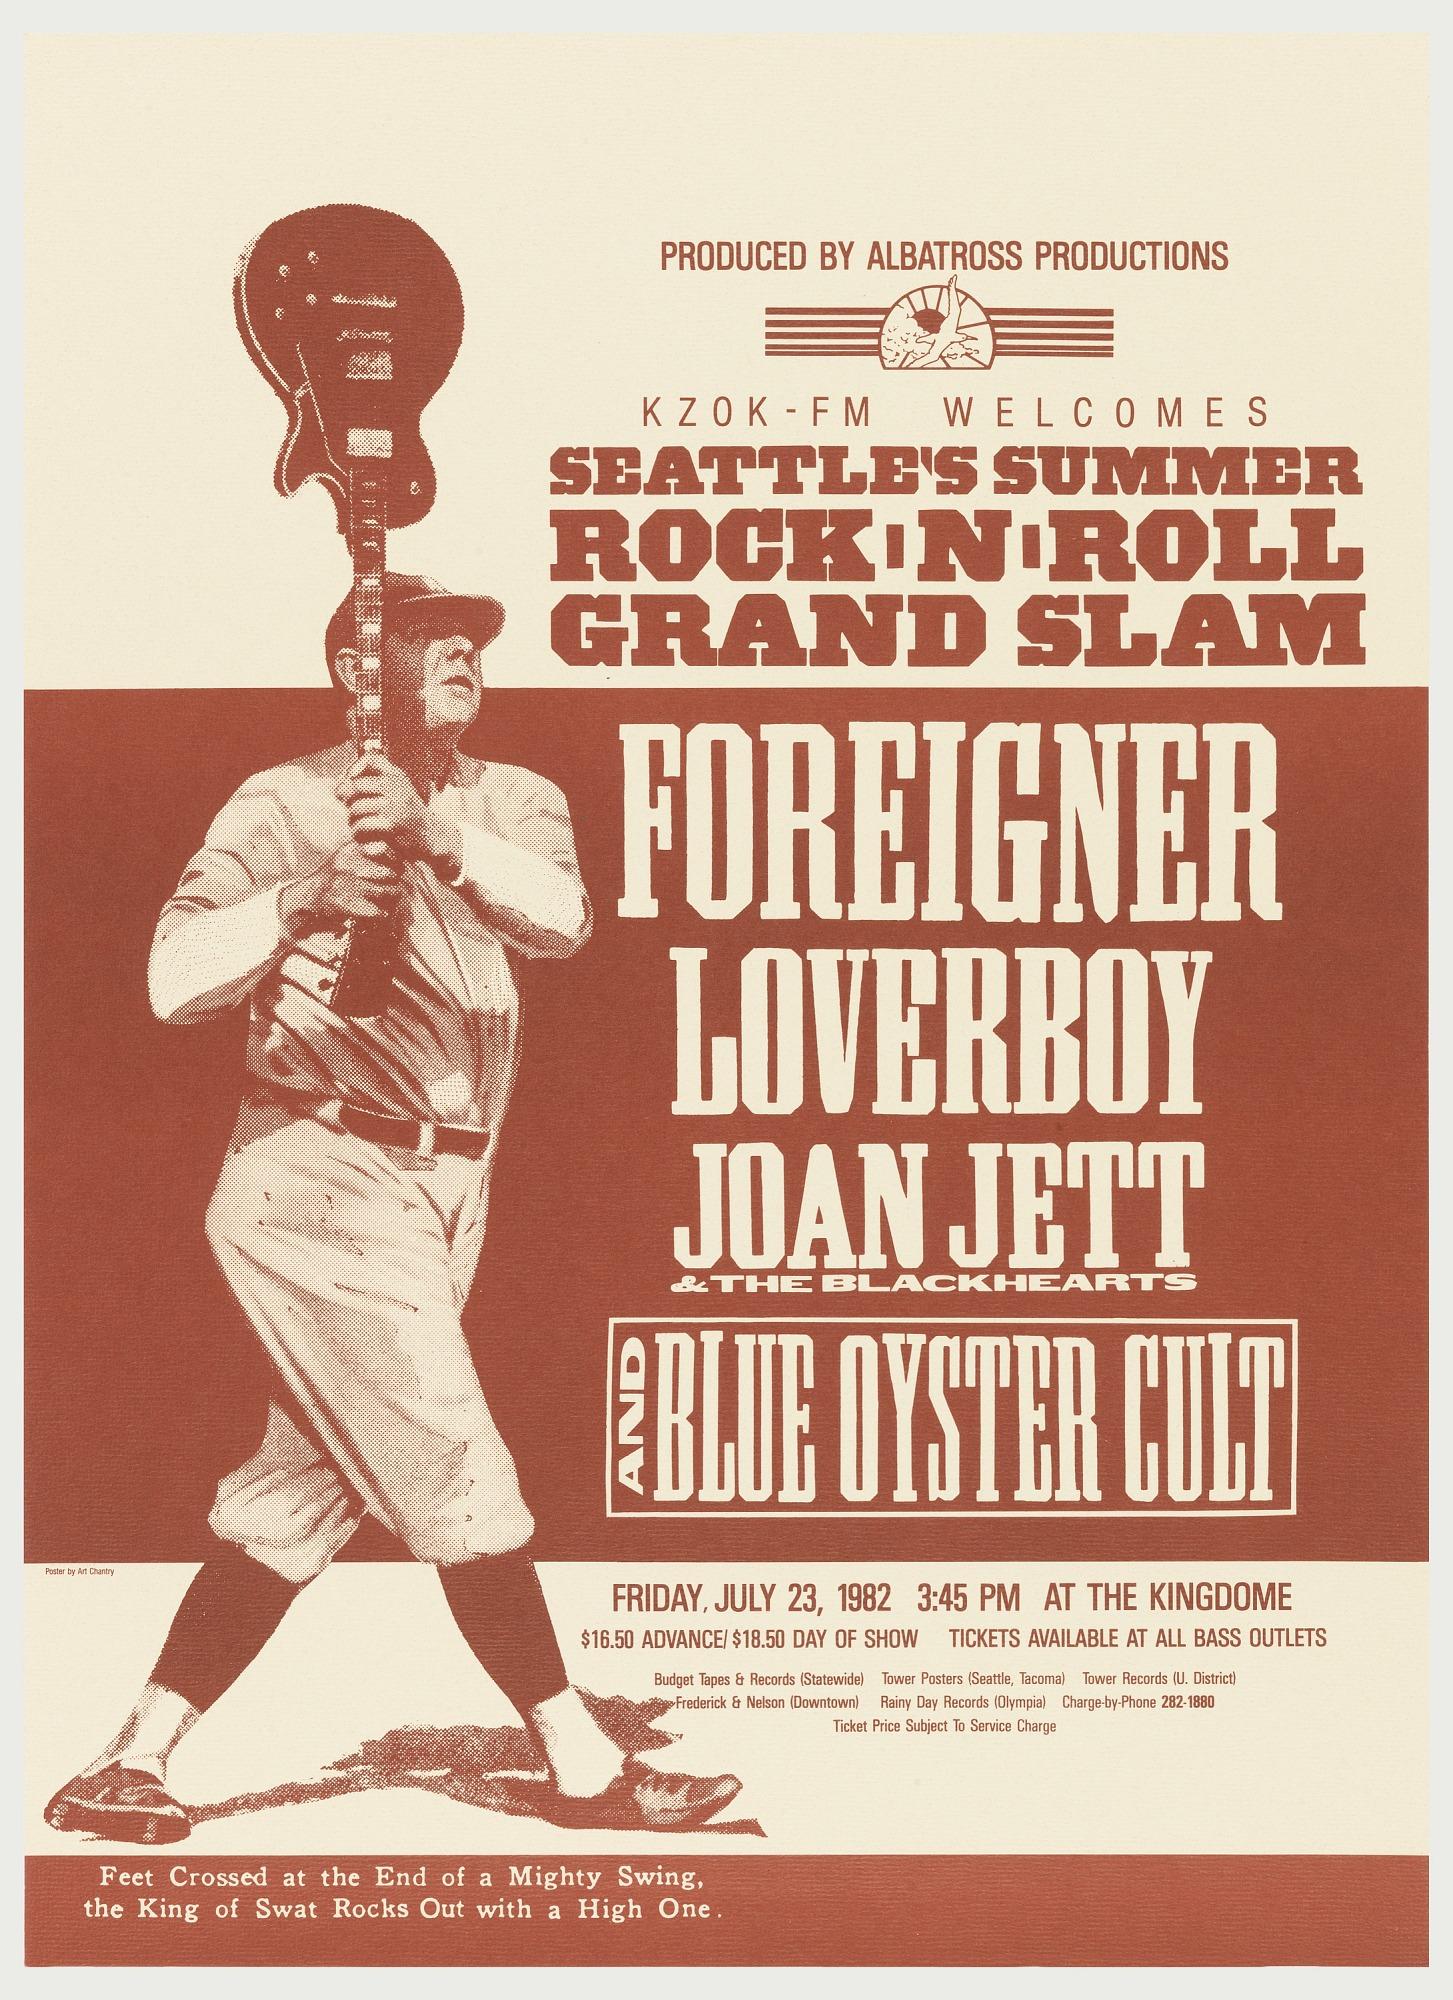 Image 1 for Rock'n' Roll Grand Slam